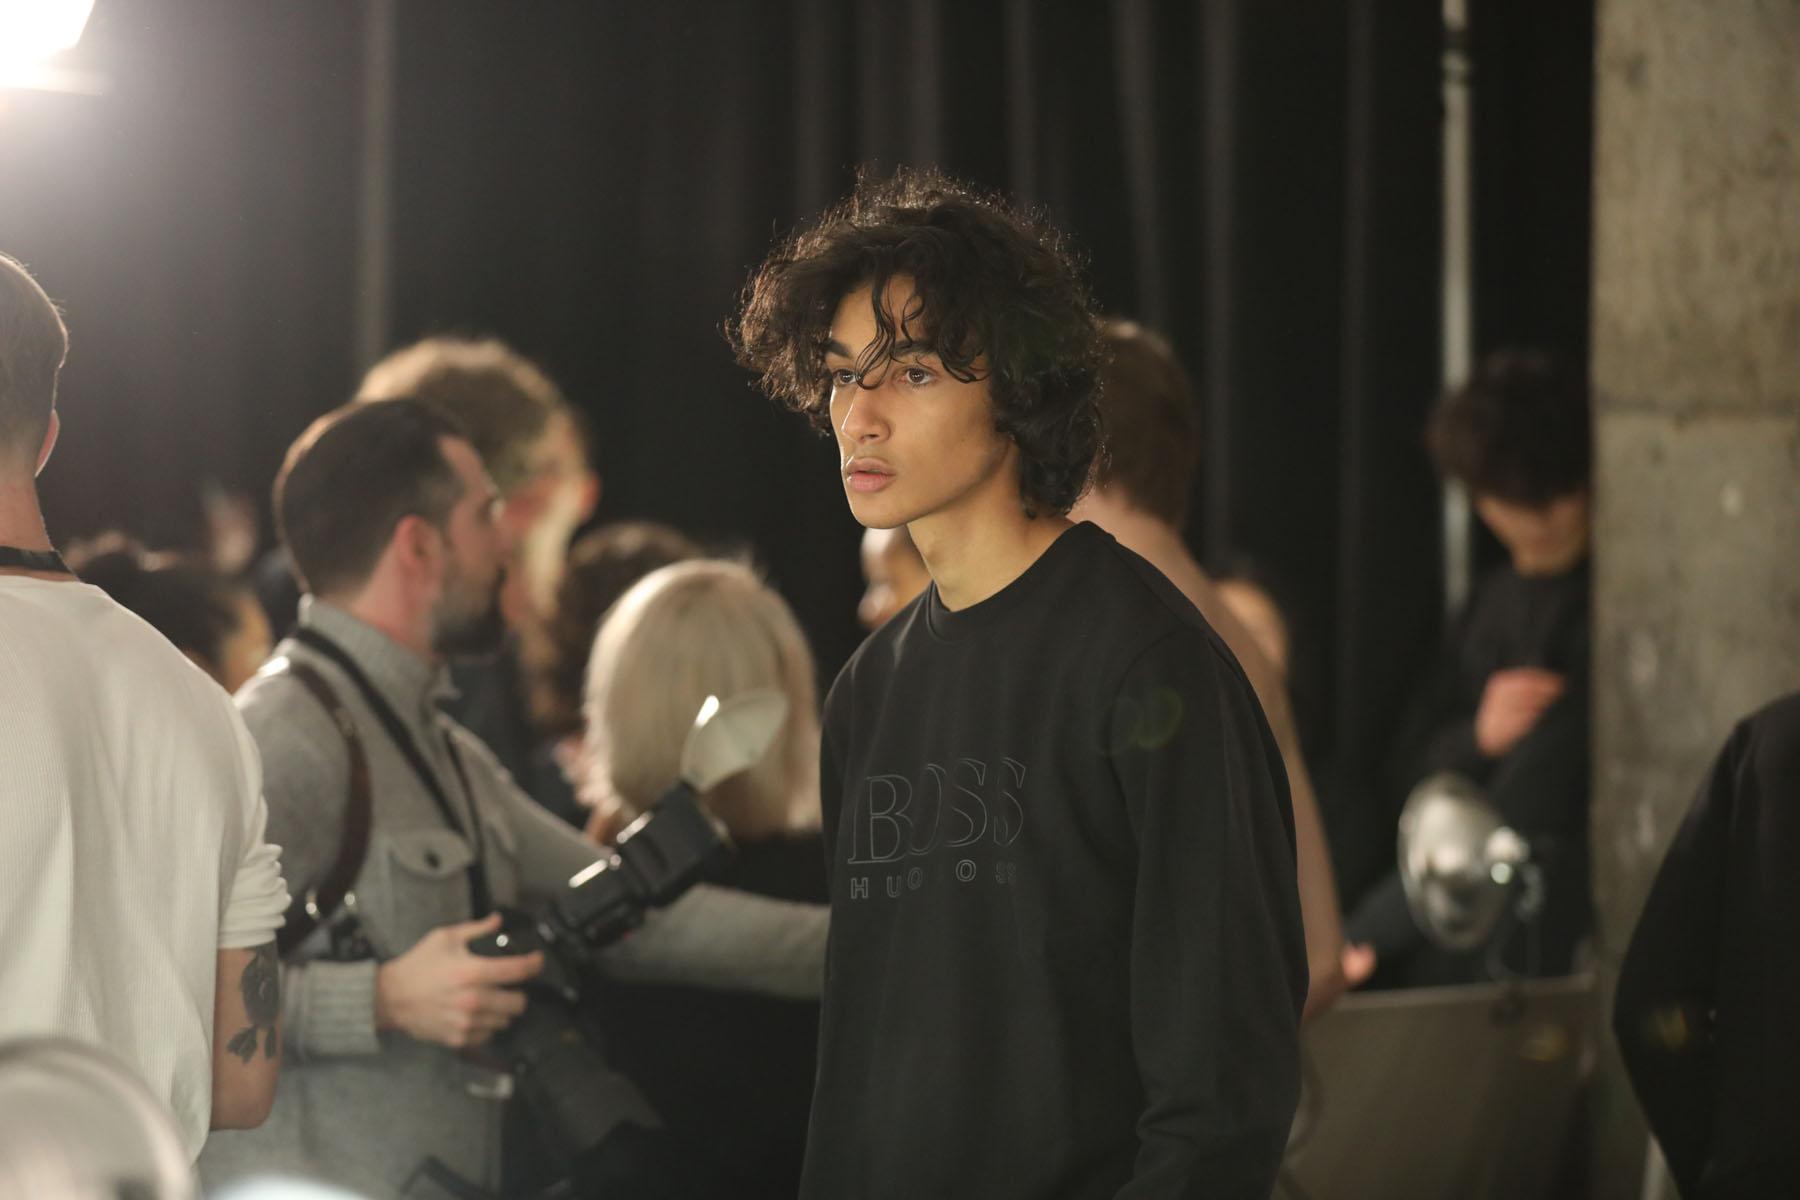 HugoBoss_Backstage_11